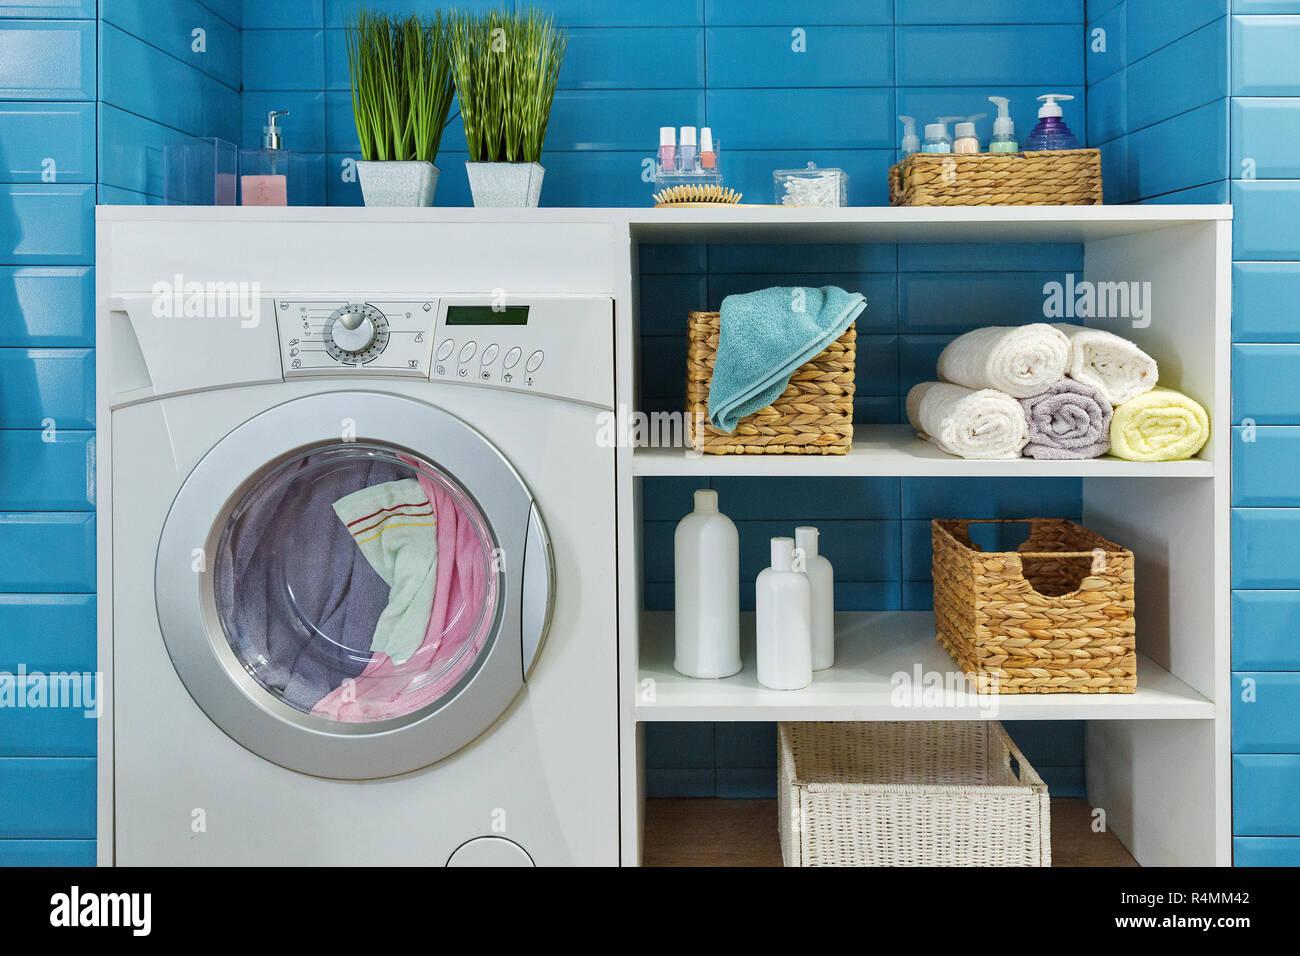 Lave Linge Dans Salle De Bain salle de bains moderne avec lave-linge blanc et carreaux